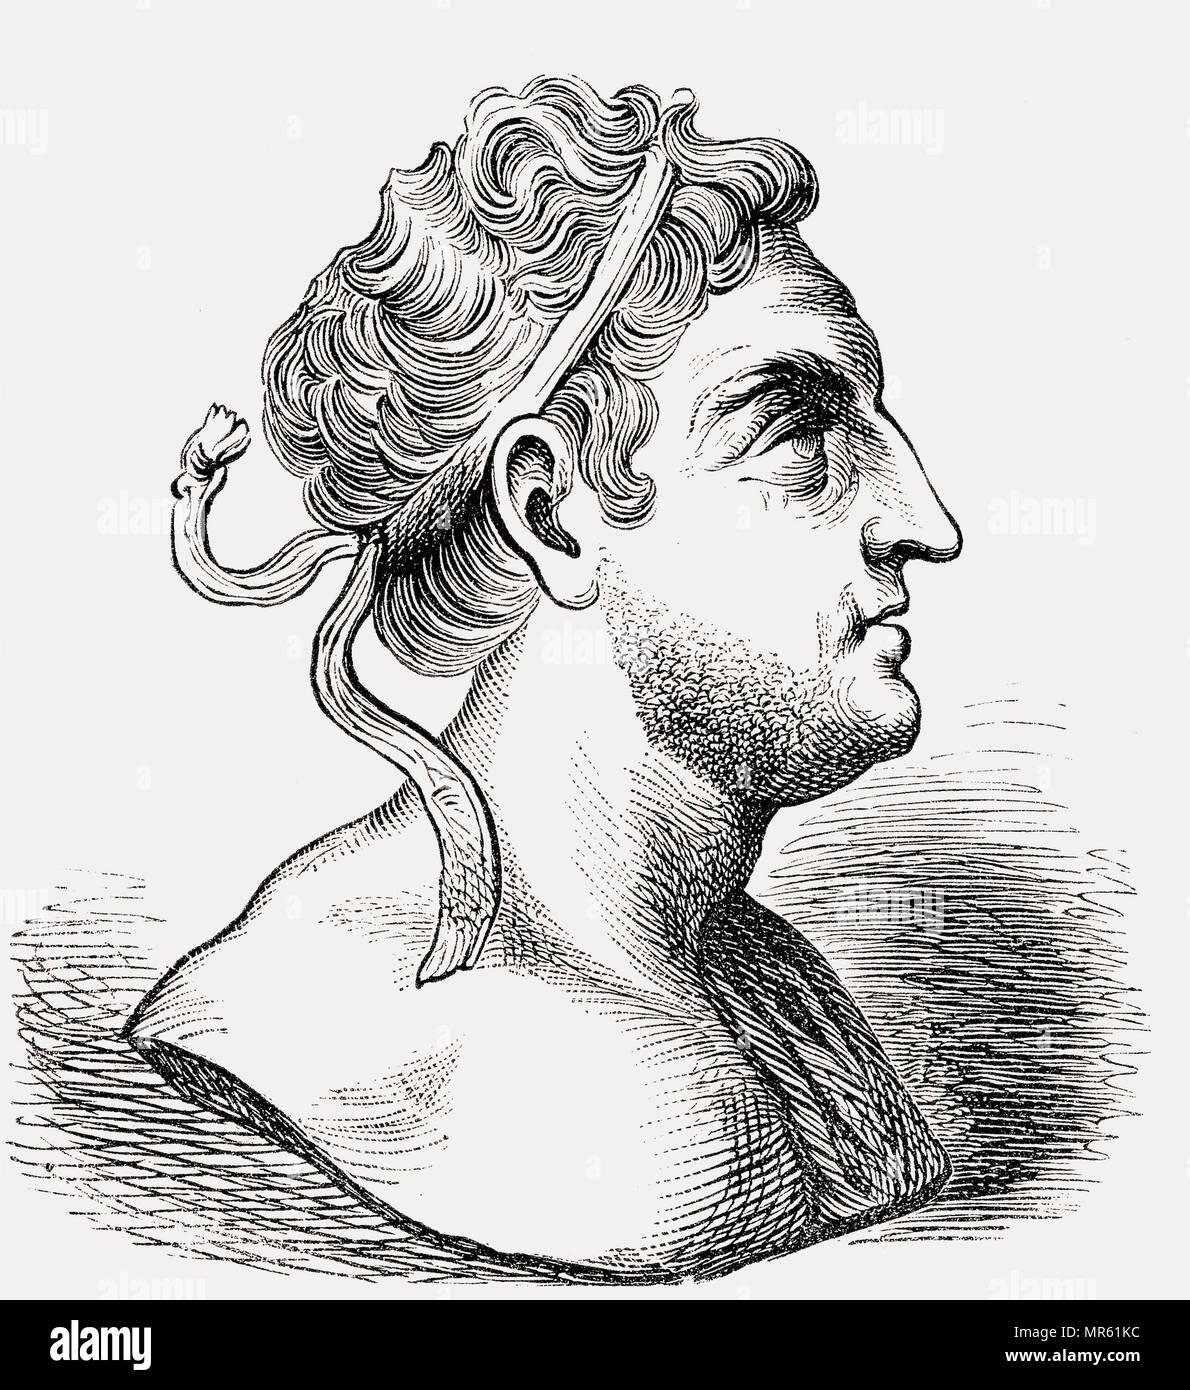 Prusias I Cholus, c. 243 – 182 BC,a king of Bithynia - Stock Image